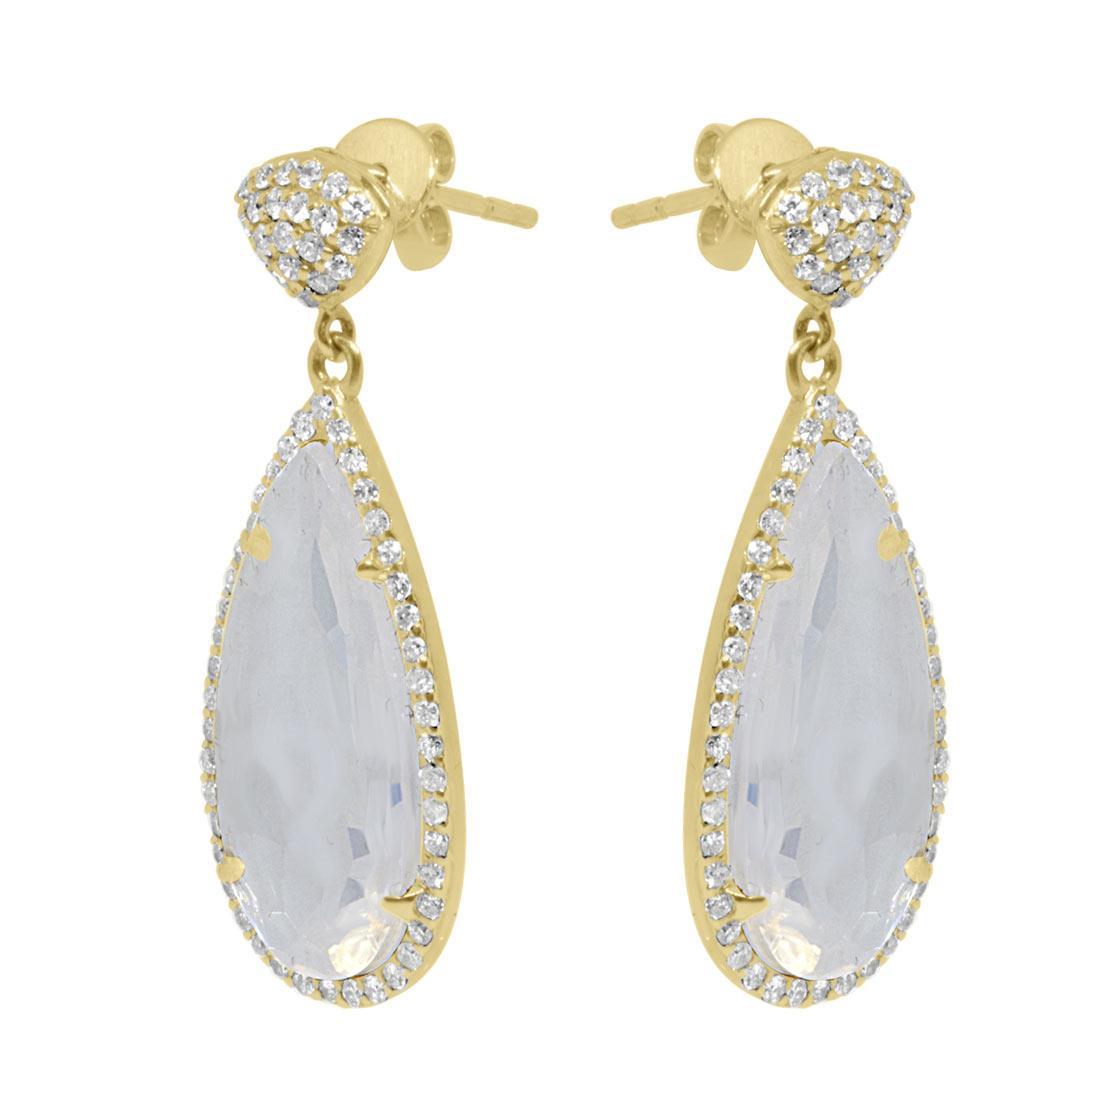 Orecchini in oro giallo con diamanti ct 0.66 e pietra - ORO&CO